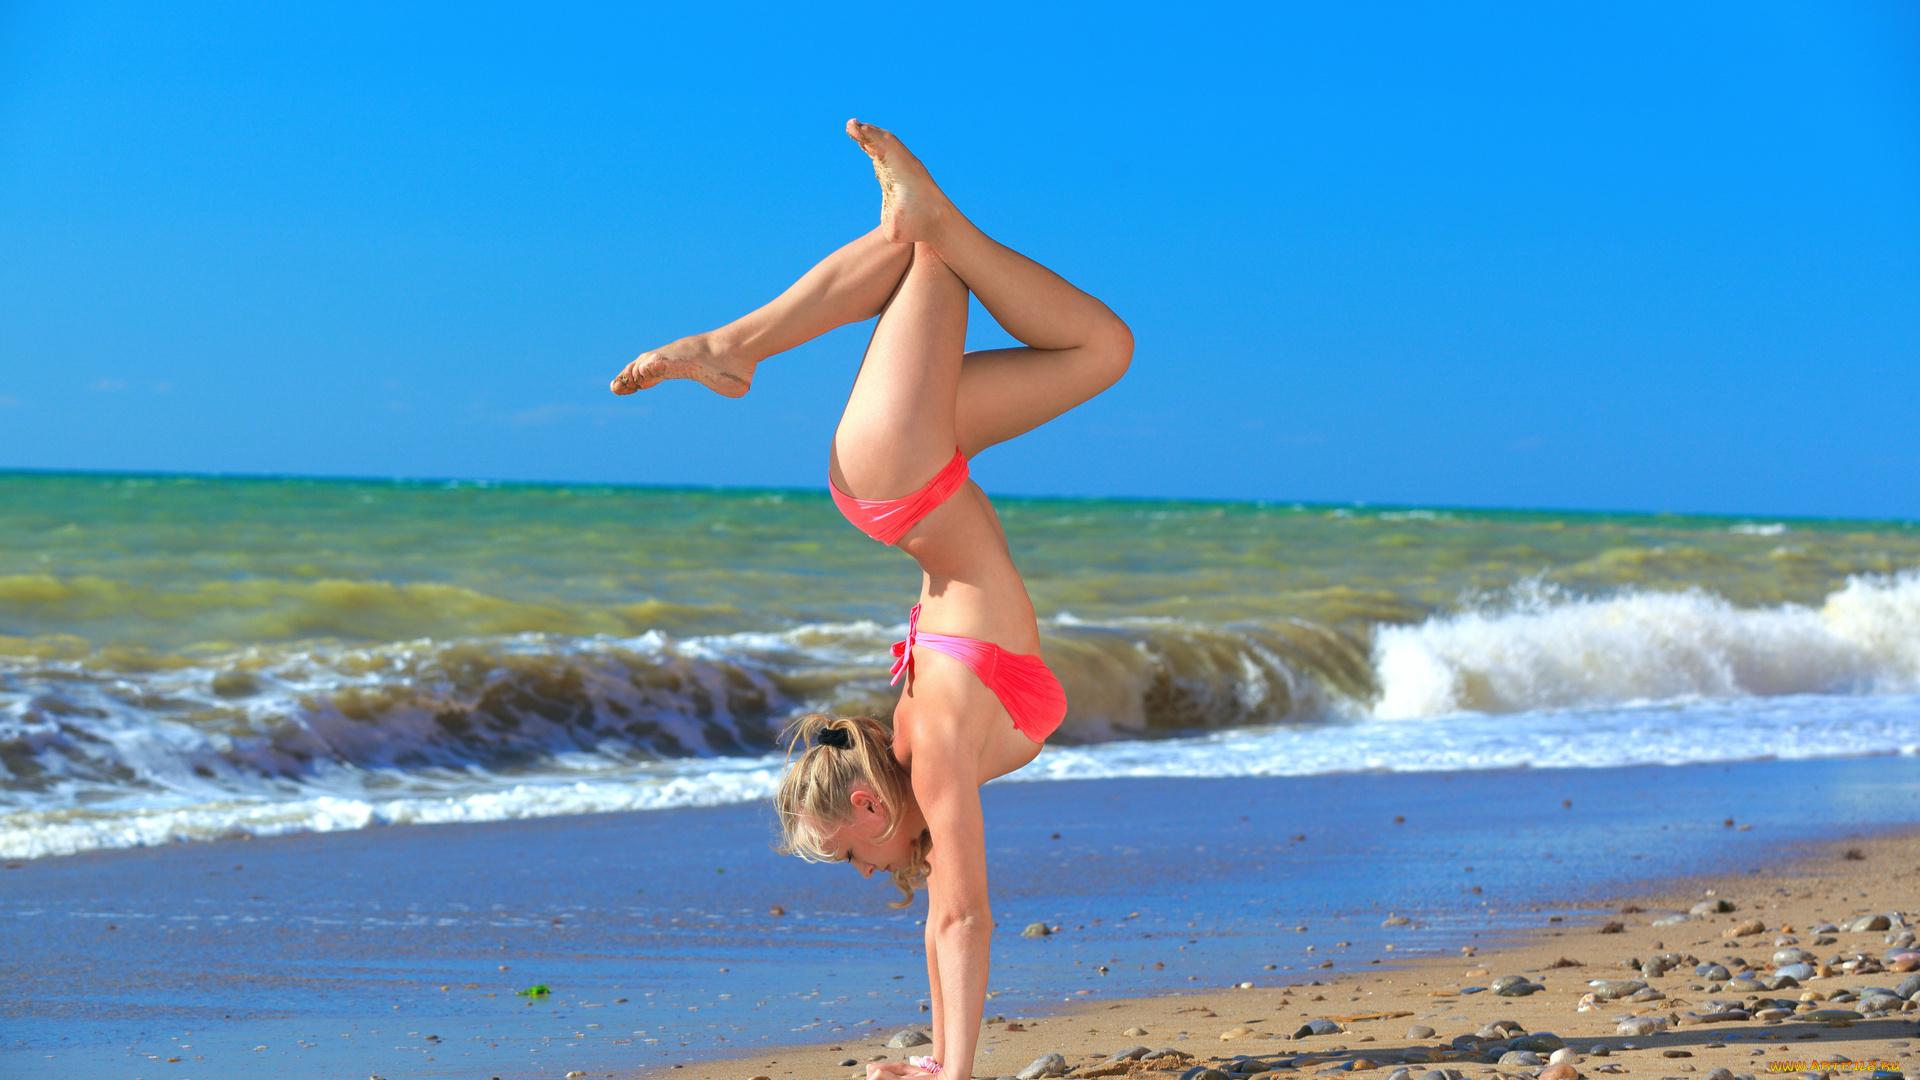 Спортивные девушки на пляже, Сексуальные девушки на пляже Ежедневный мужской 9 фотография